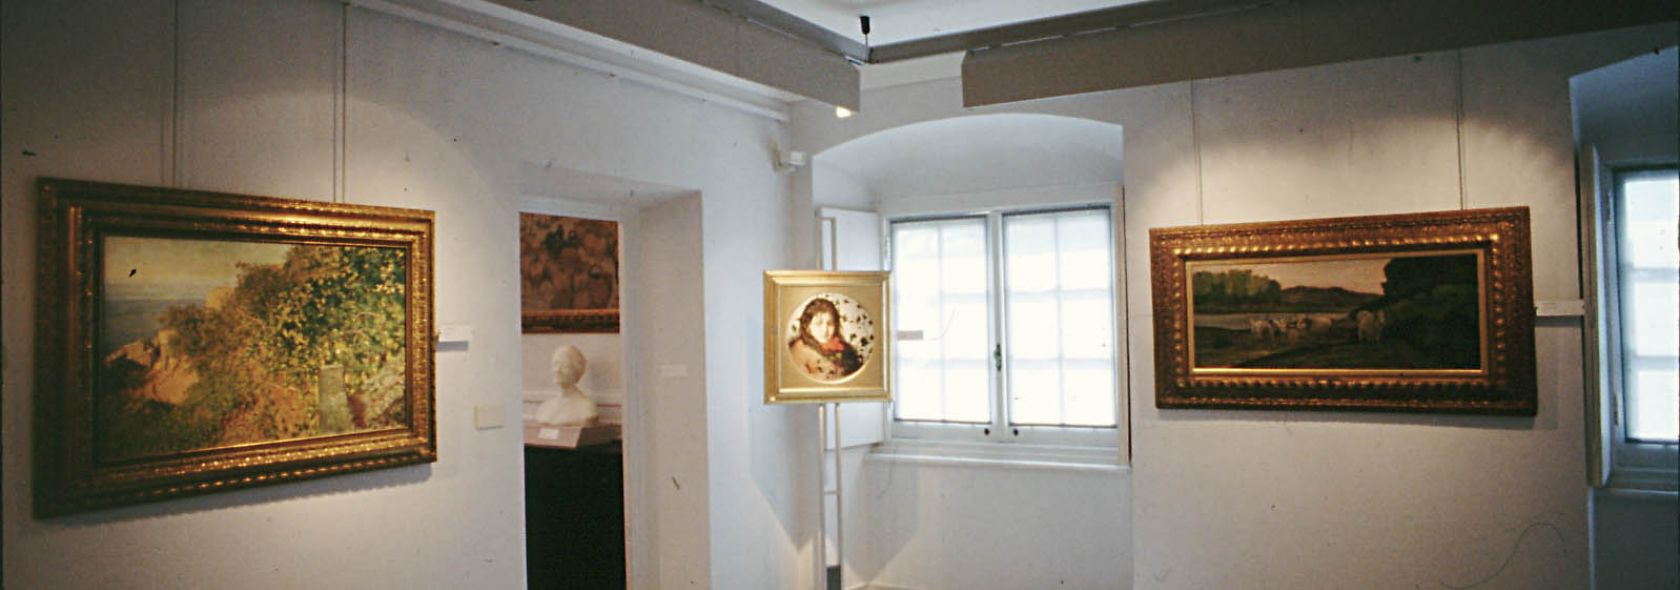 Raccolte Frugone, salone della pittura di paesaggio - Villa Grimaldi Fassio